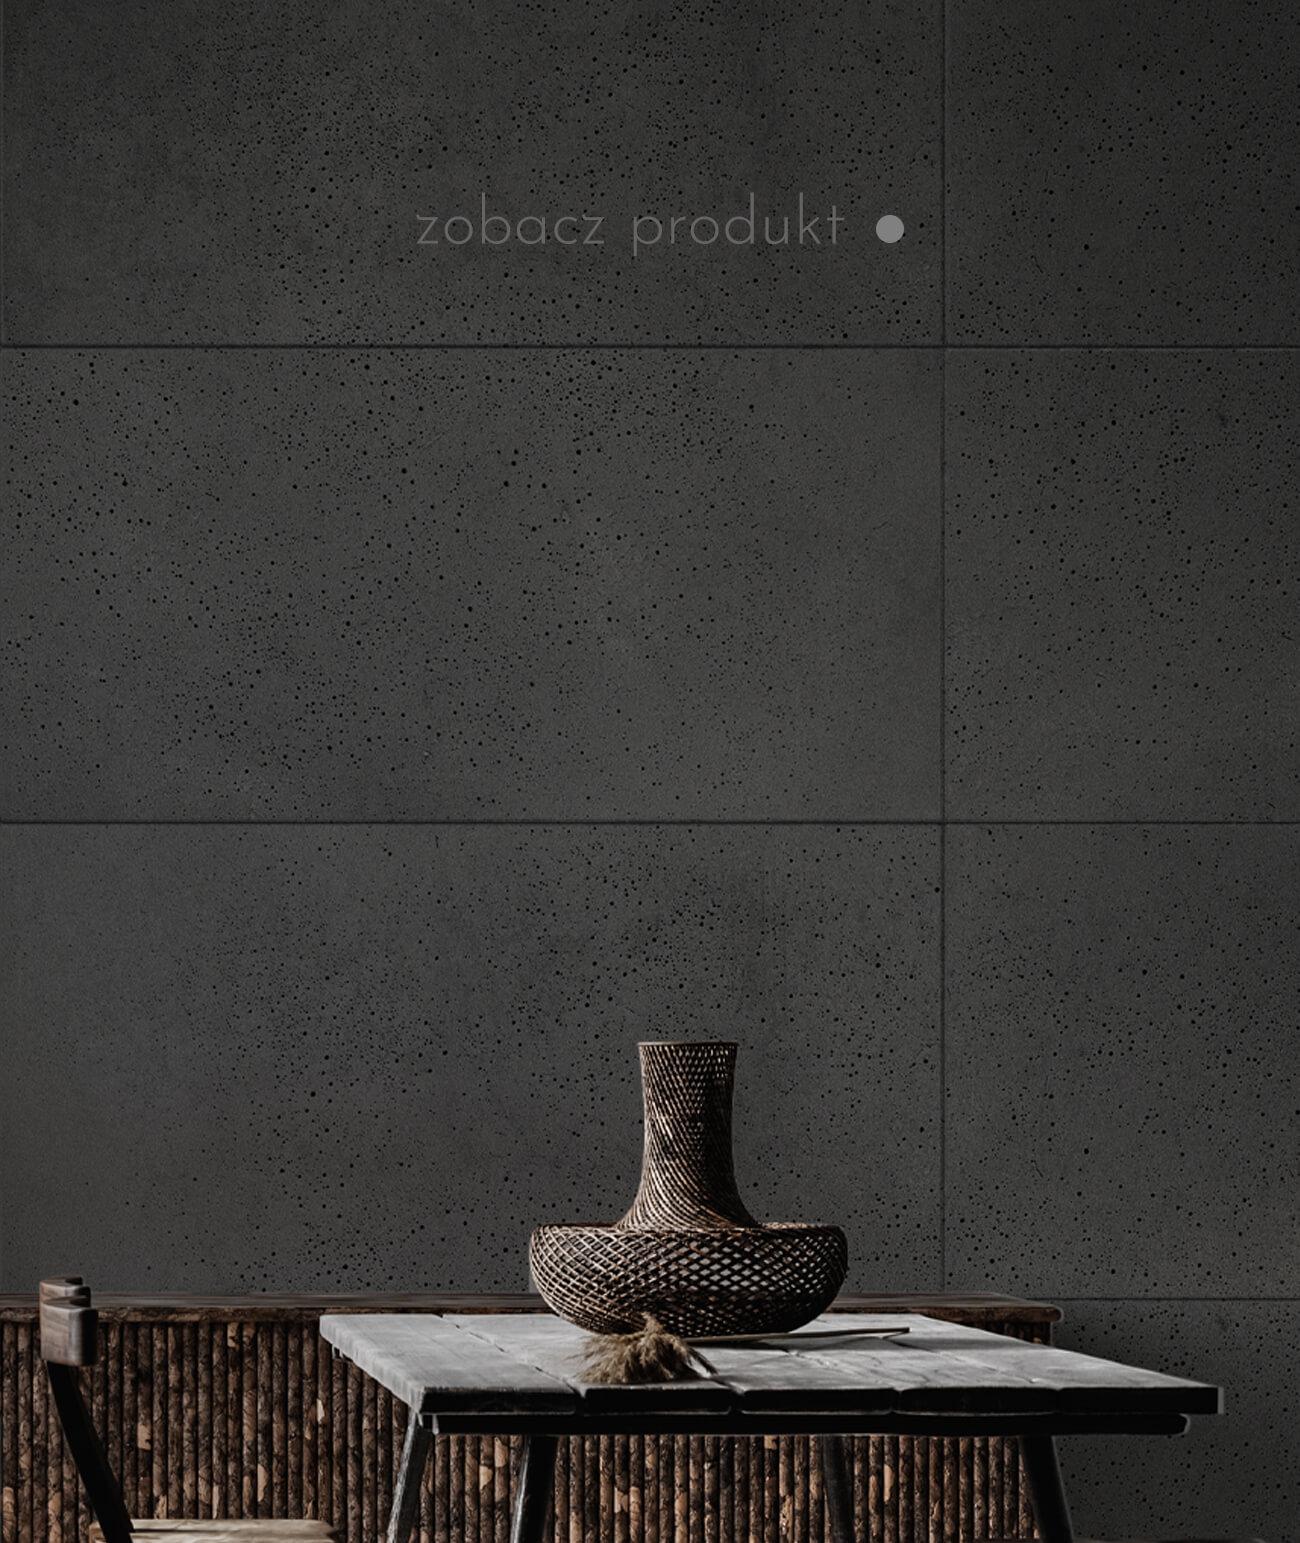 plyty-betonowe-scienne-i-elewacyjne-beton-architektoniczny_1098-23959-ds-antracyt---plyta-beton-architektoniczny-grc-rozne-wymiary-ultralekka